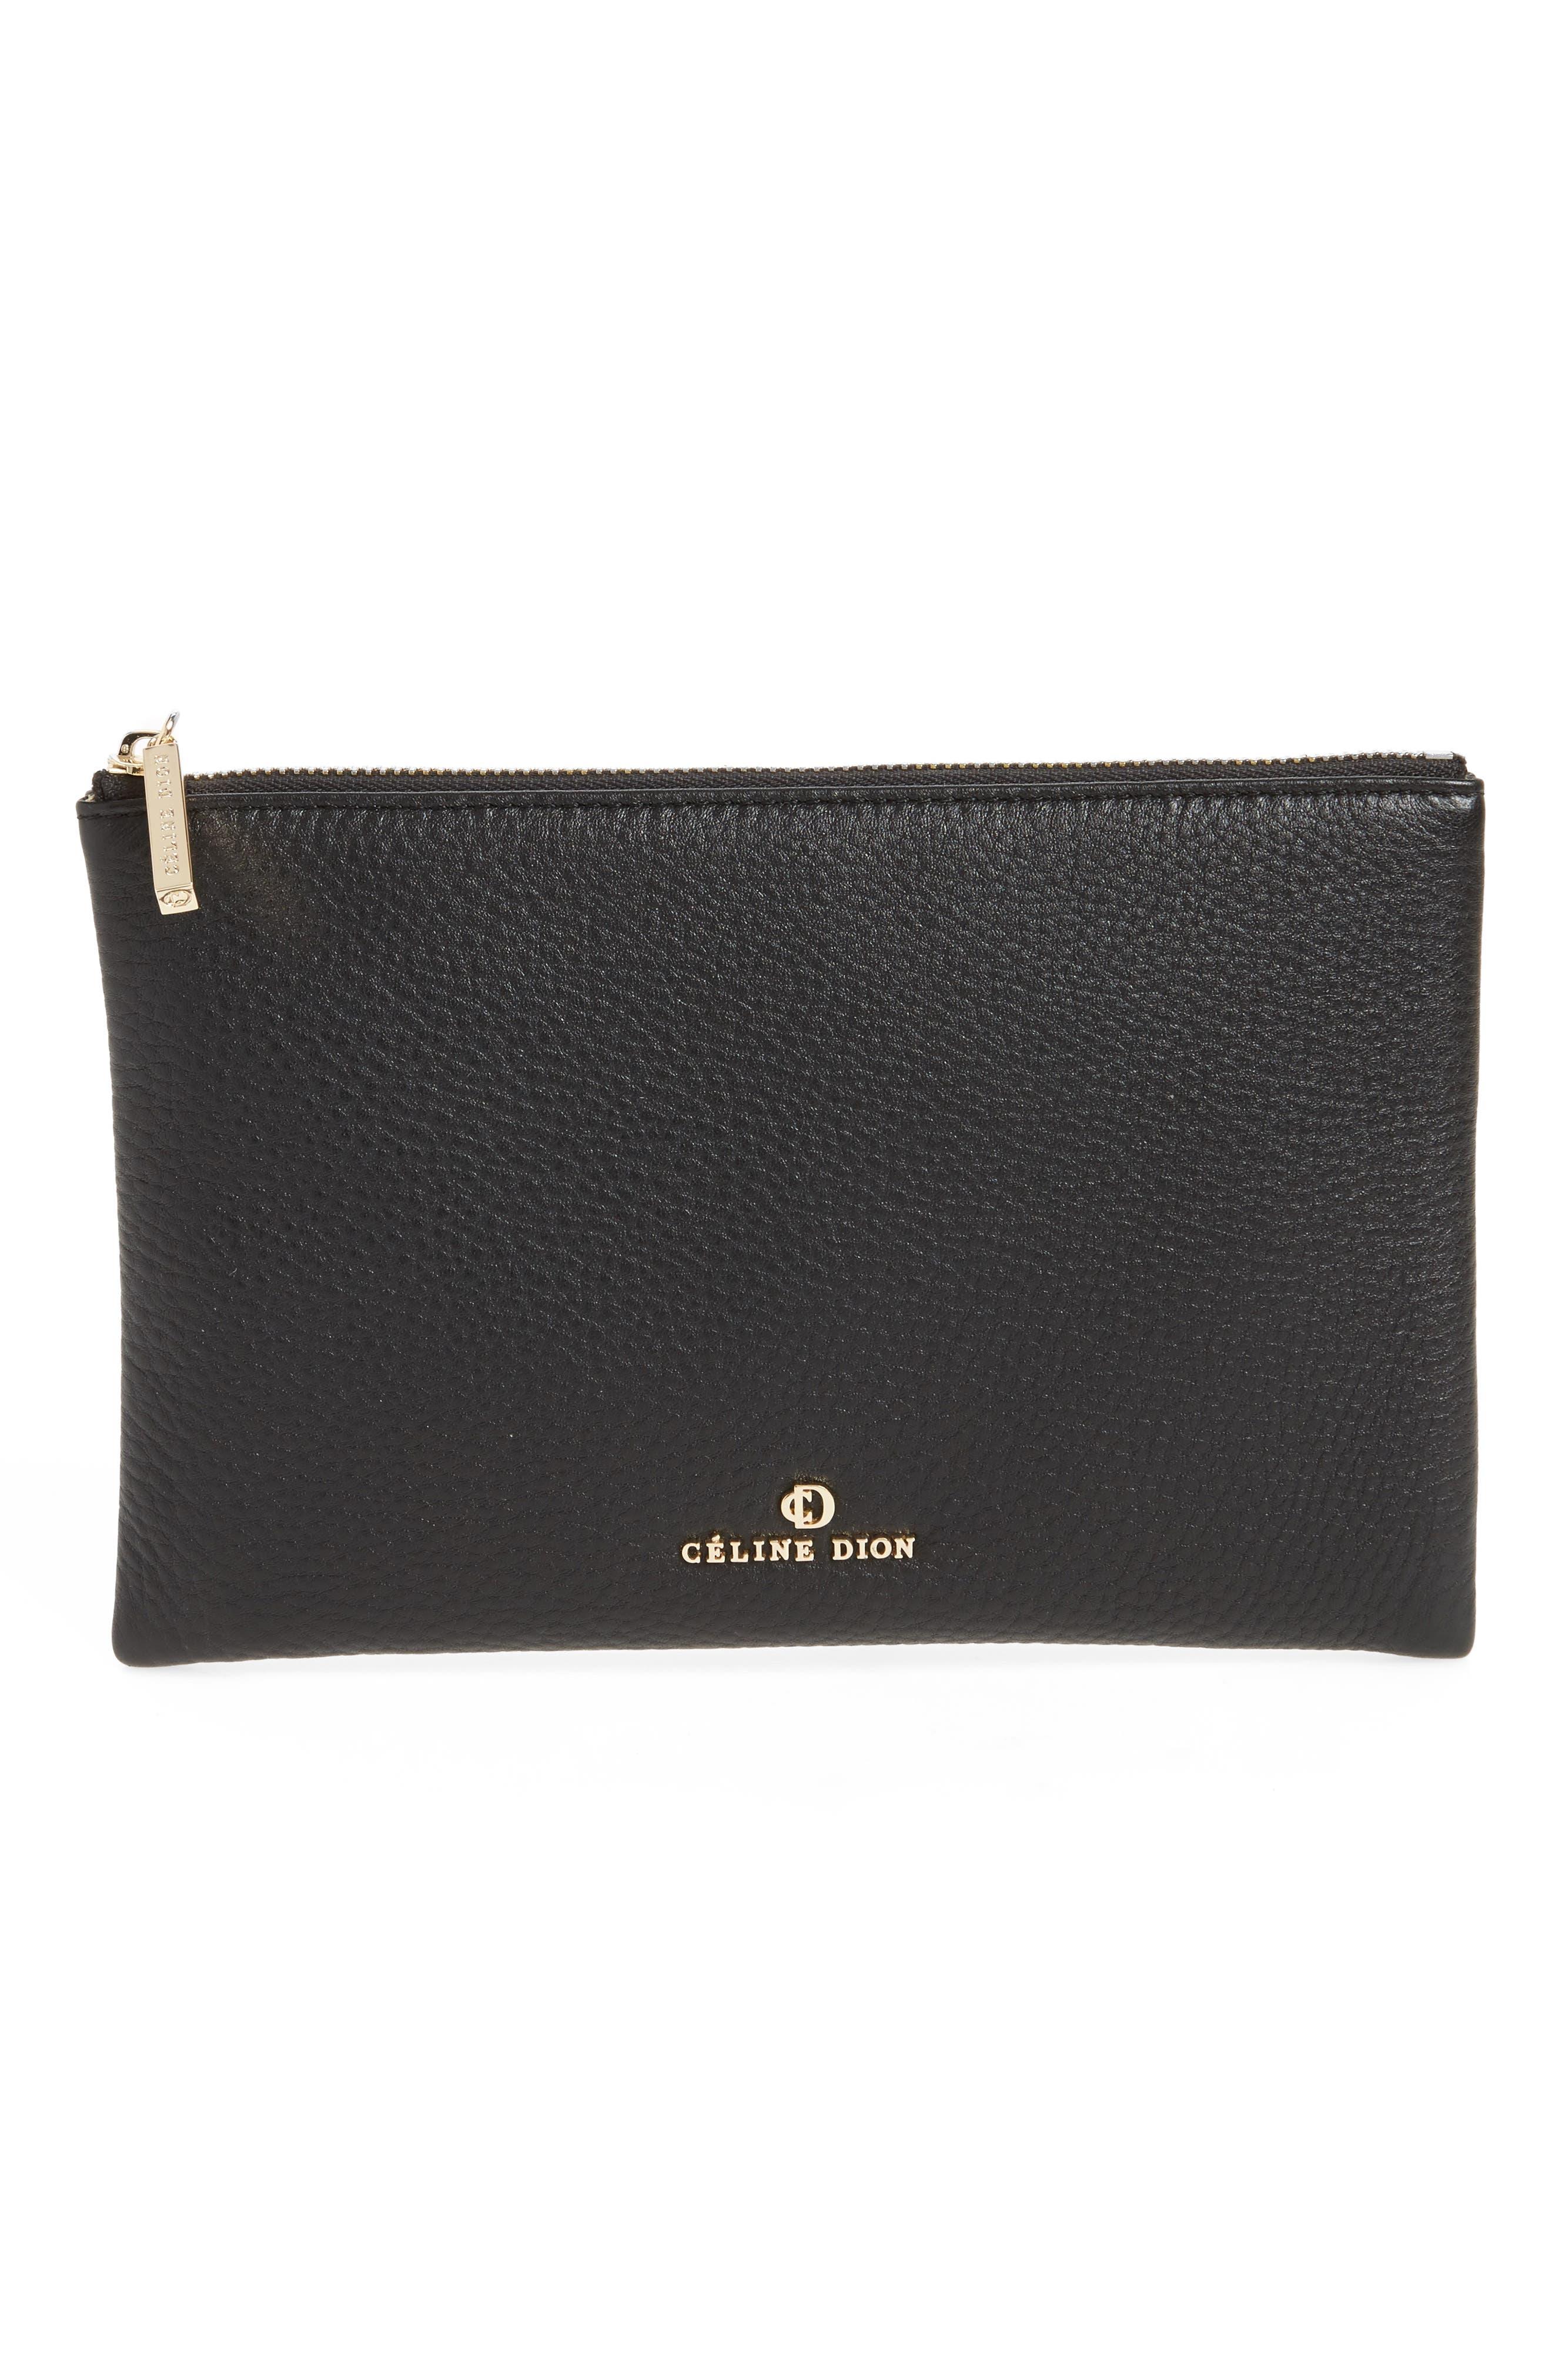 Céline Dion Adagio Leather Zip Pouch,                             Main thumbnail 1, color,                             001